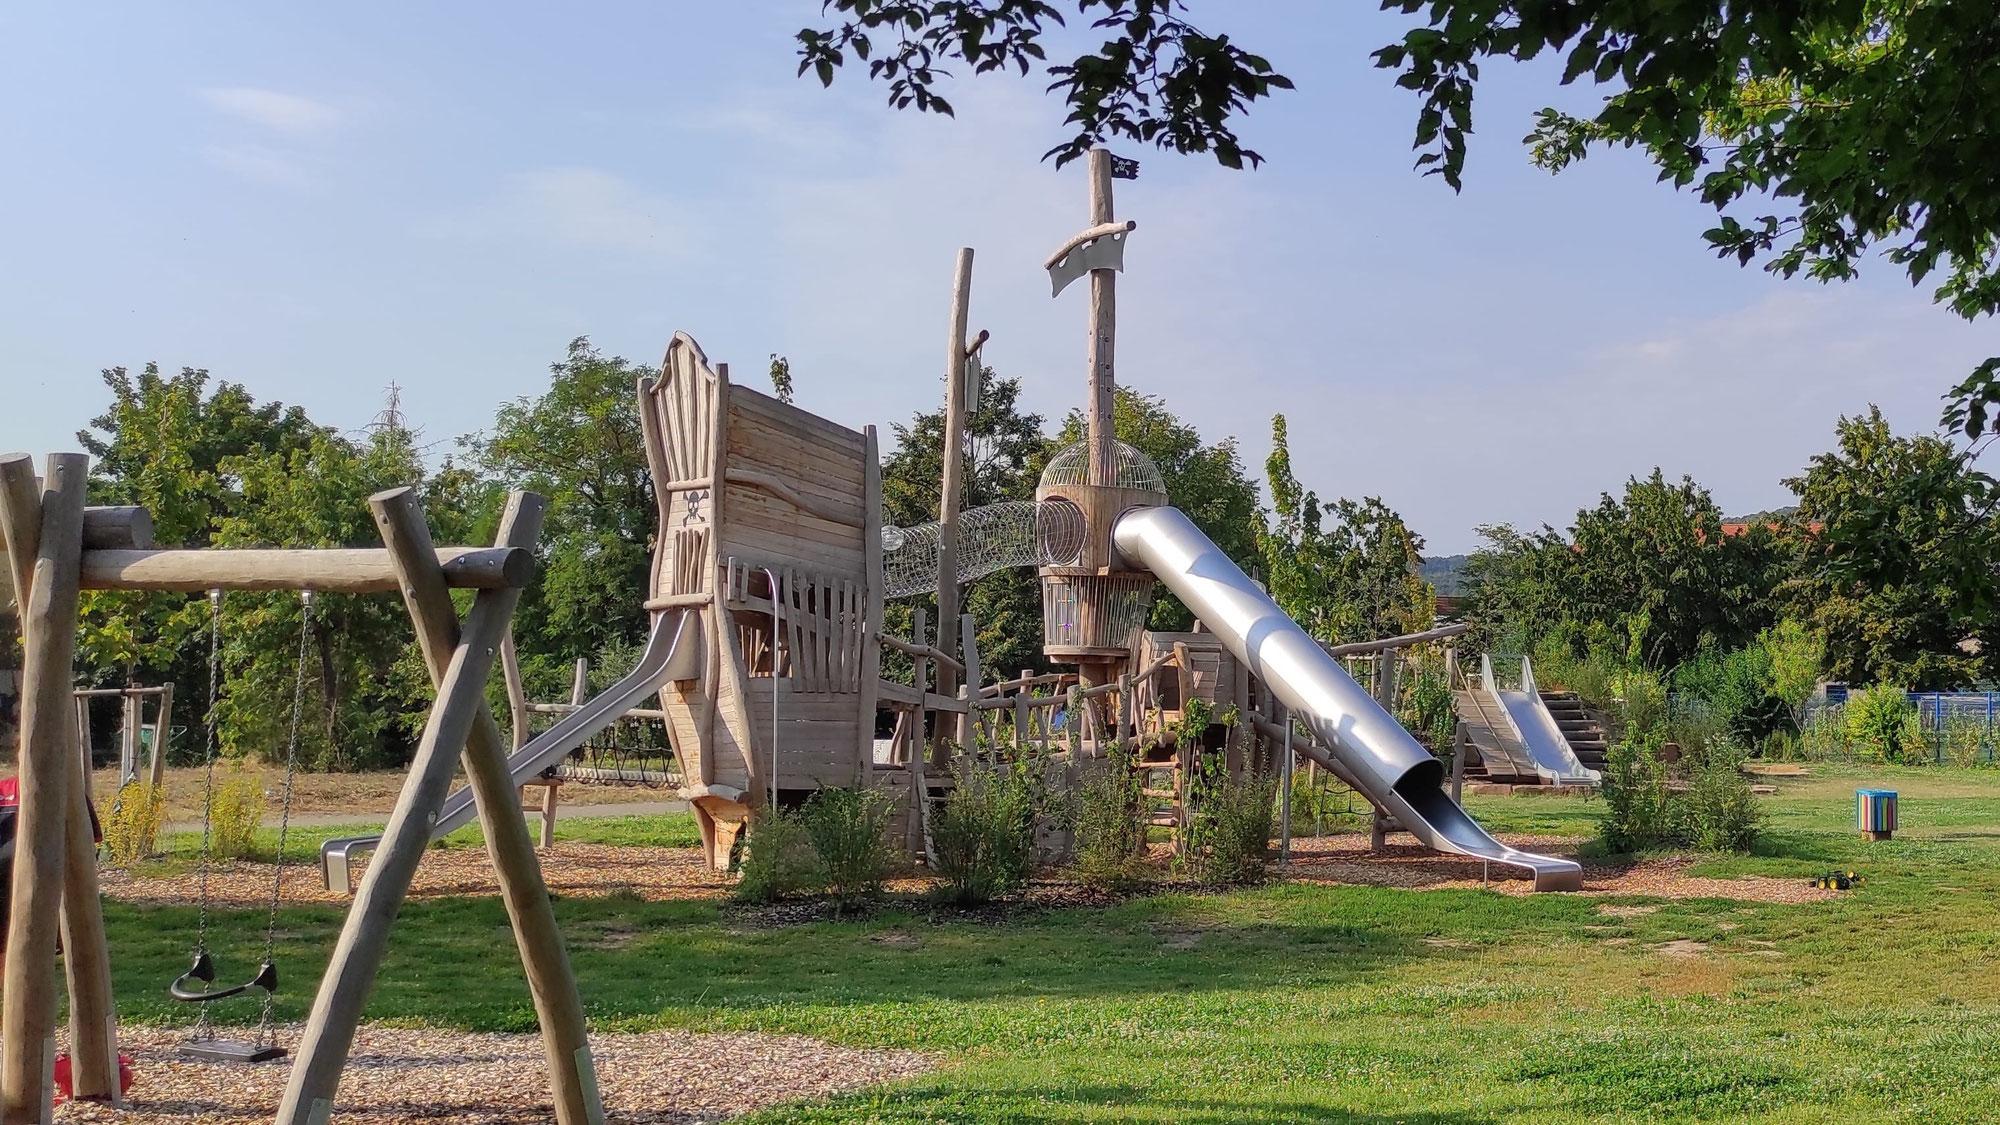 Die Wachrem - Piraten-Spielplatz